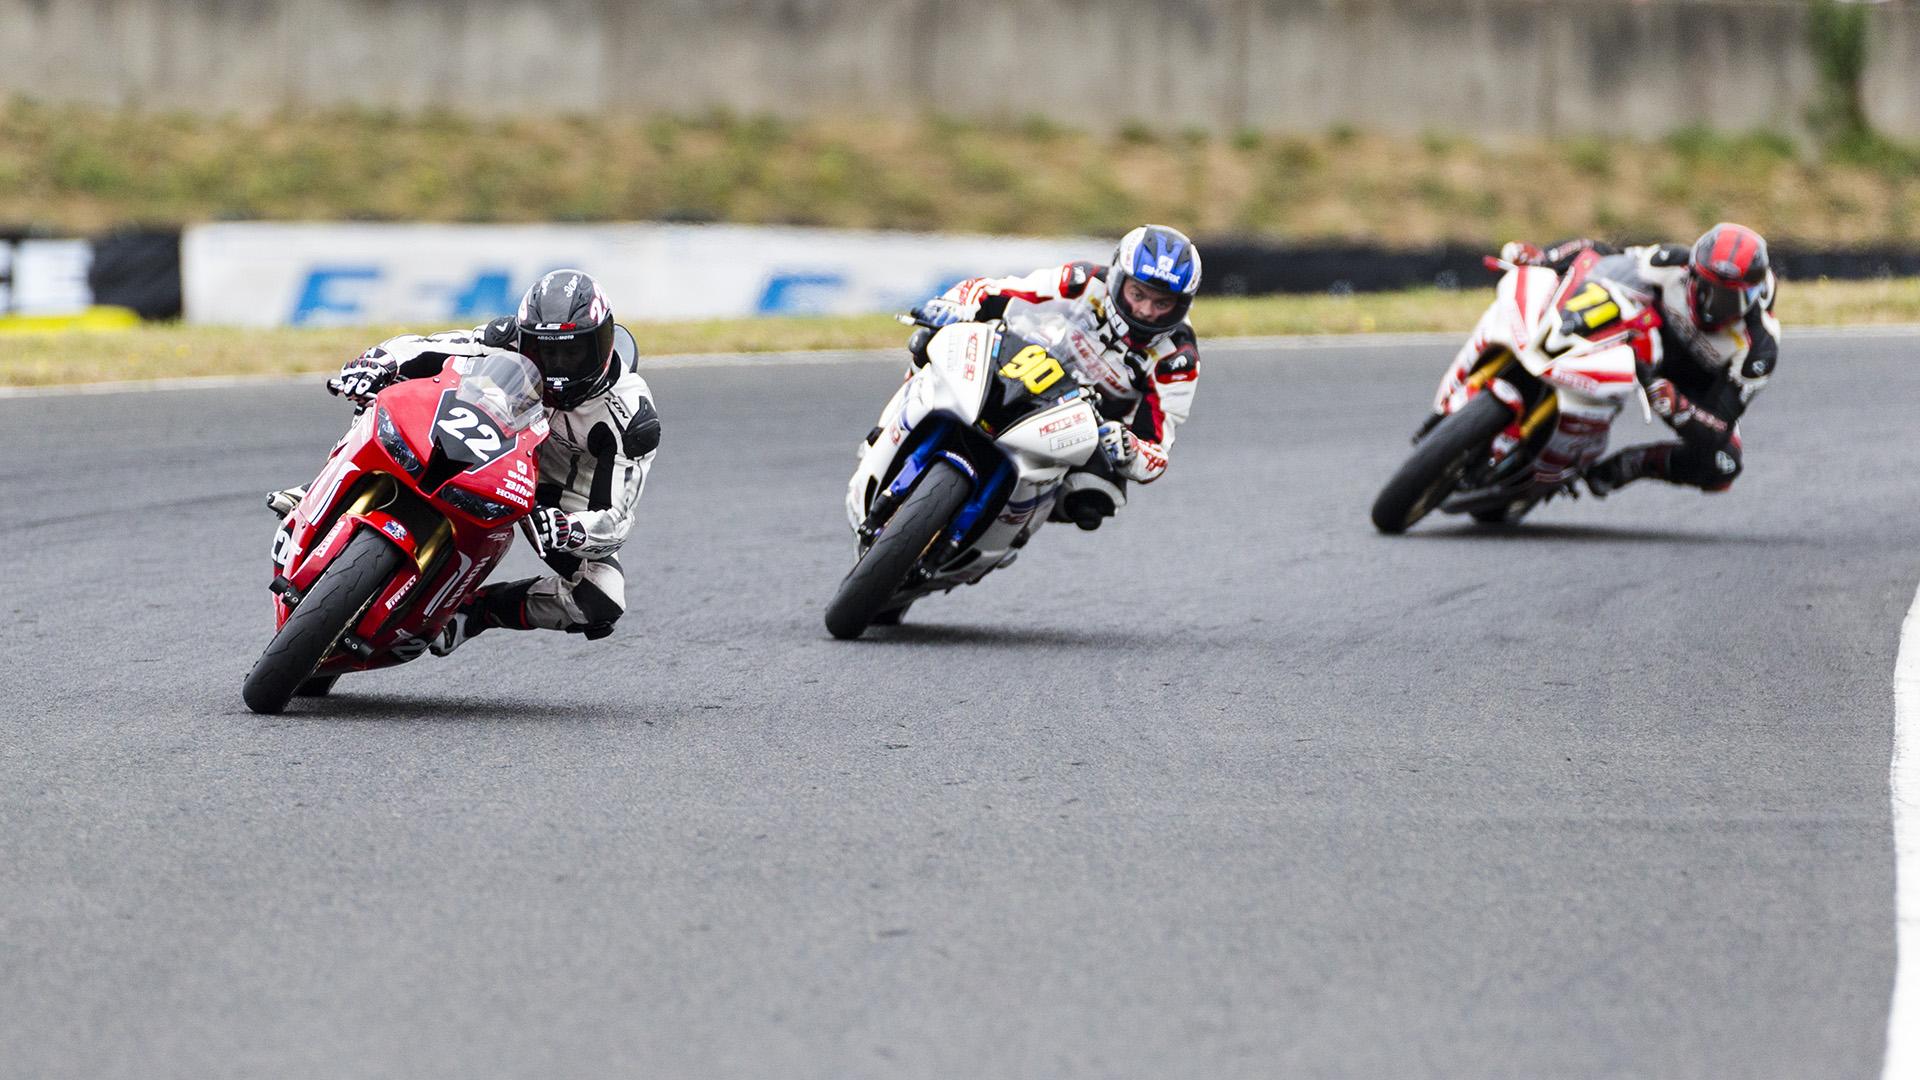 Un piqué et un autofocus efficace idéal pour le sport auto/moto